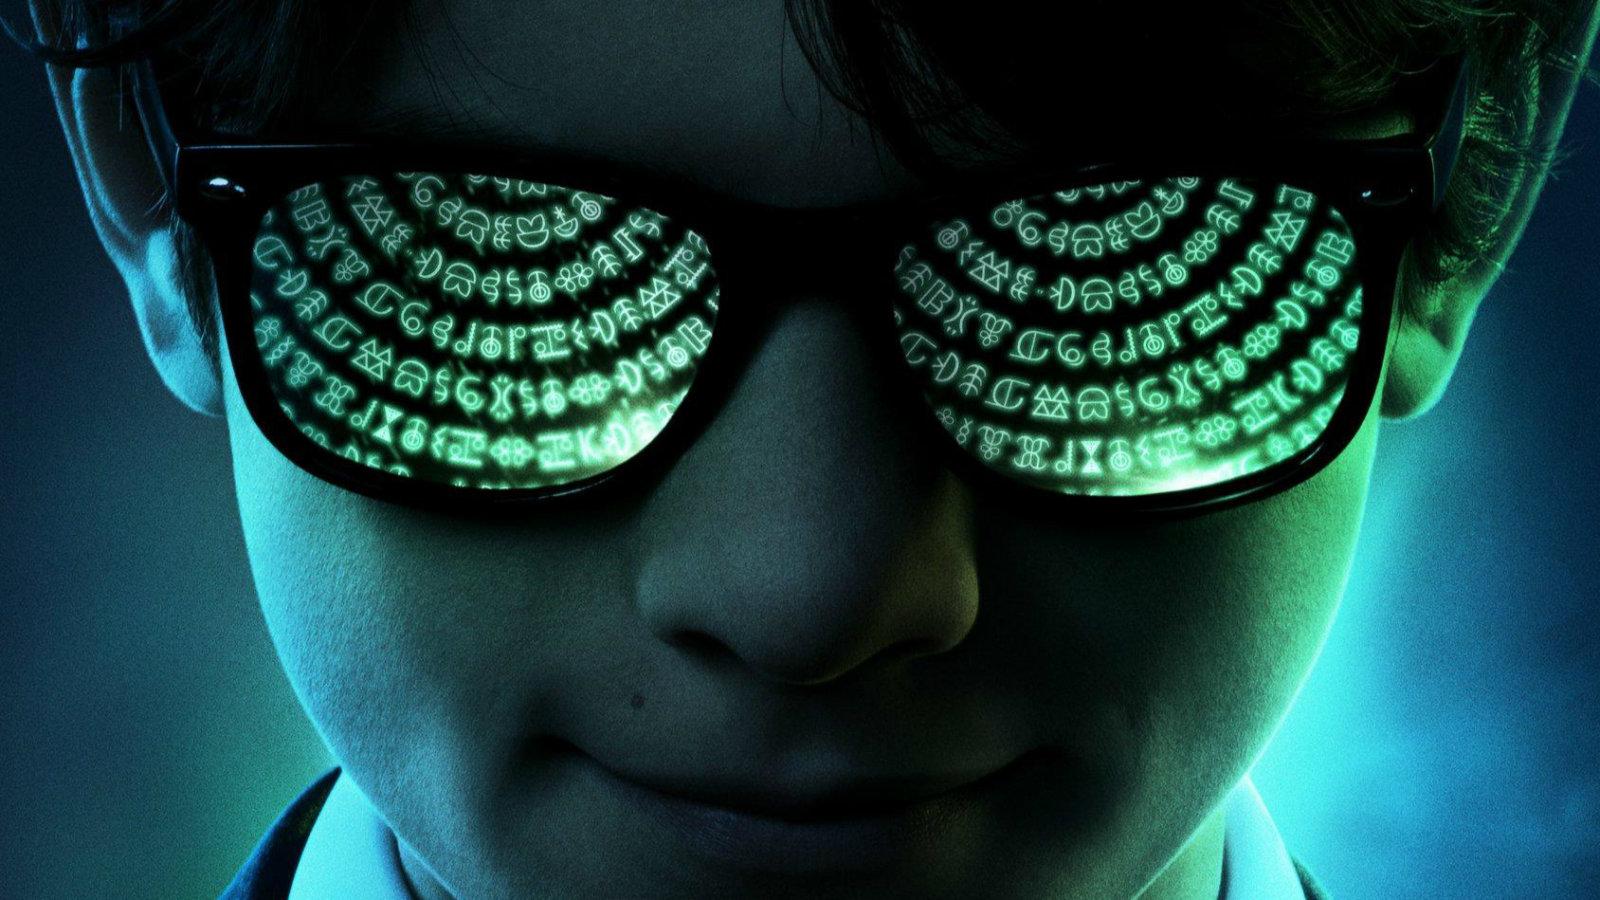 魔法、精灵,与黑客少年:《阿特米斯的奇幻历险》放出首支预告